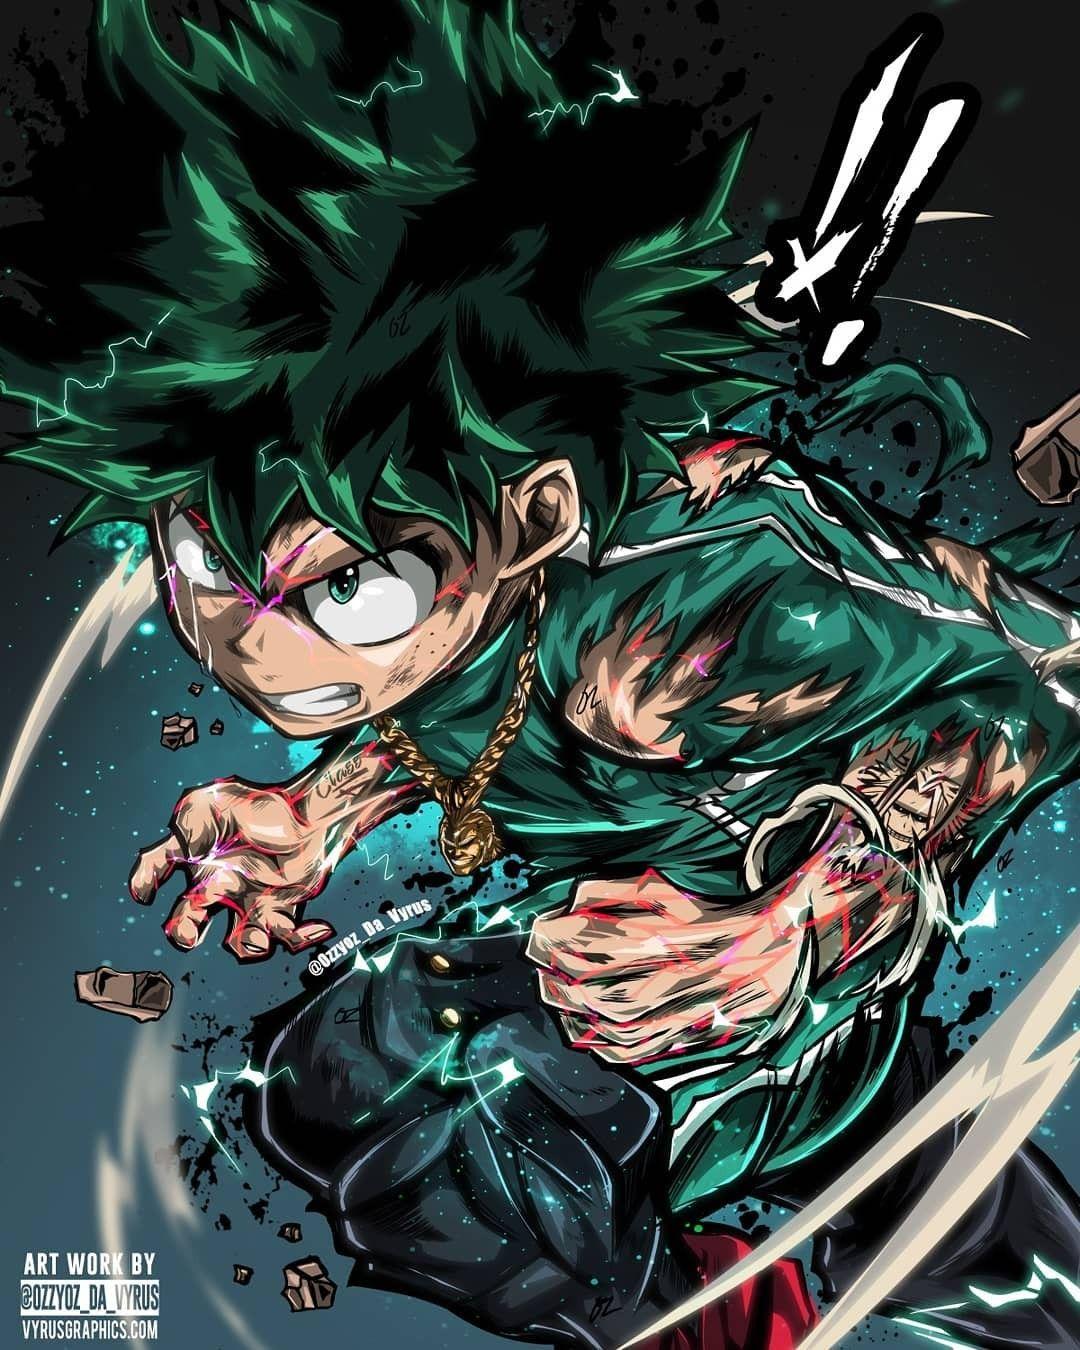 Wallpaper De Anime